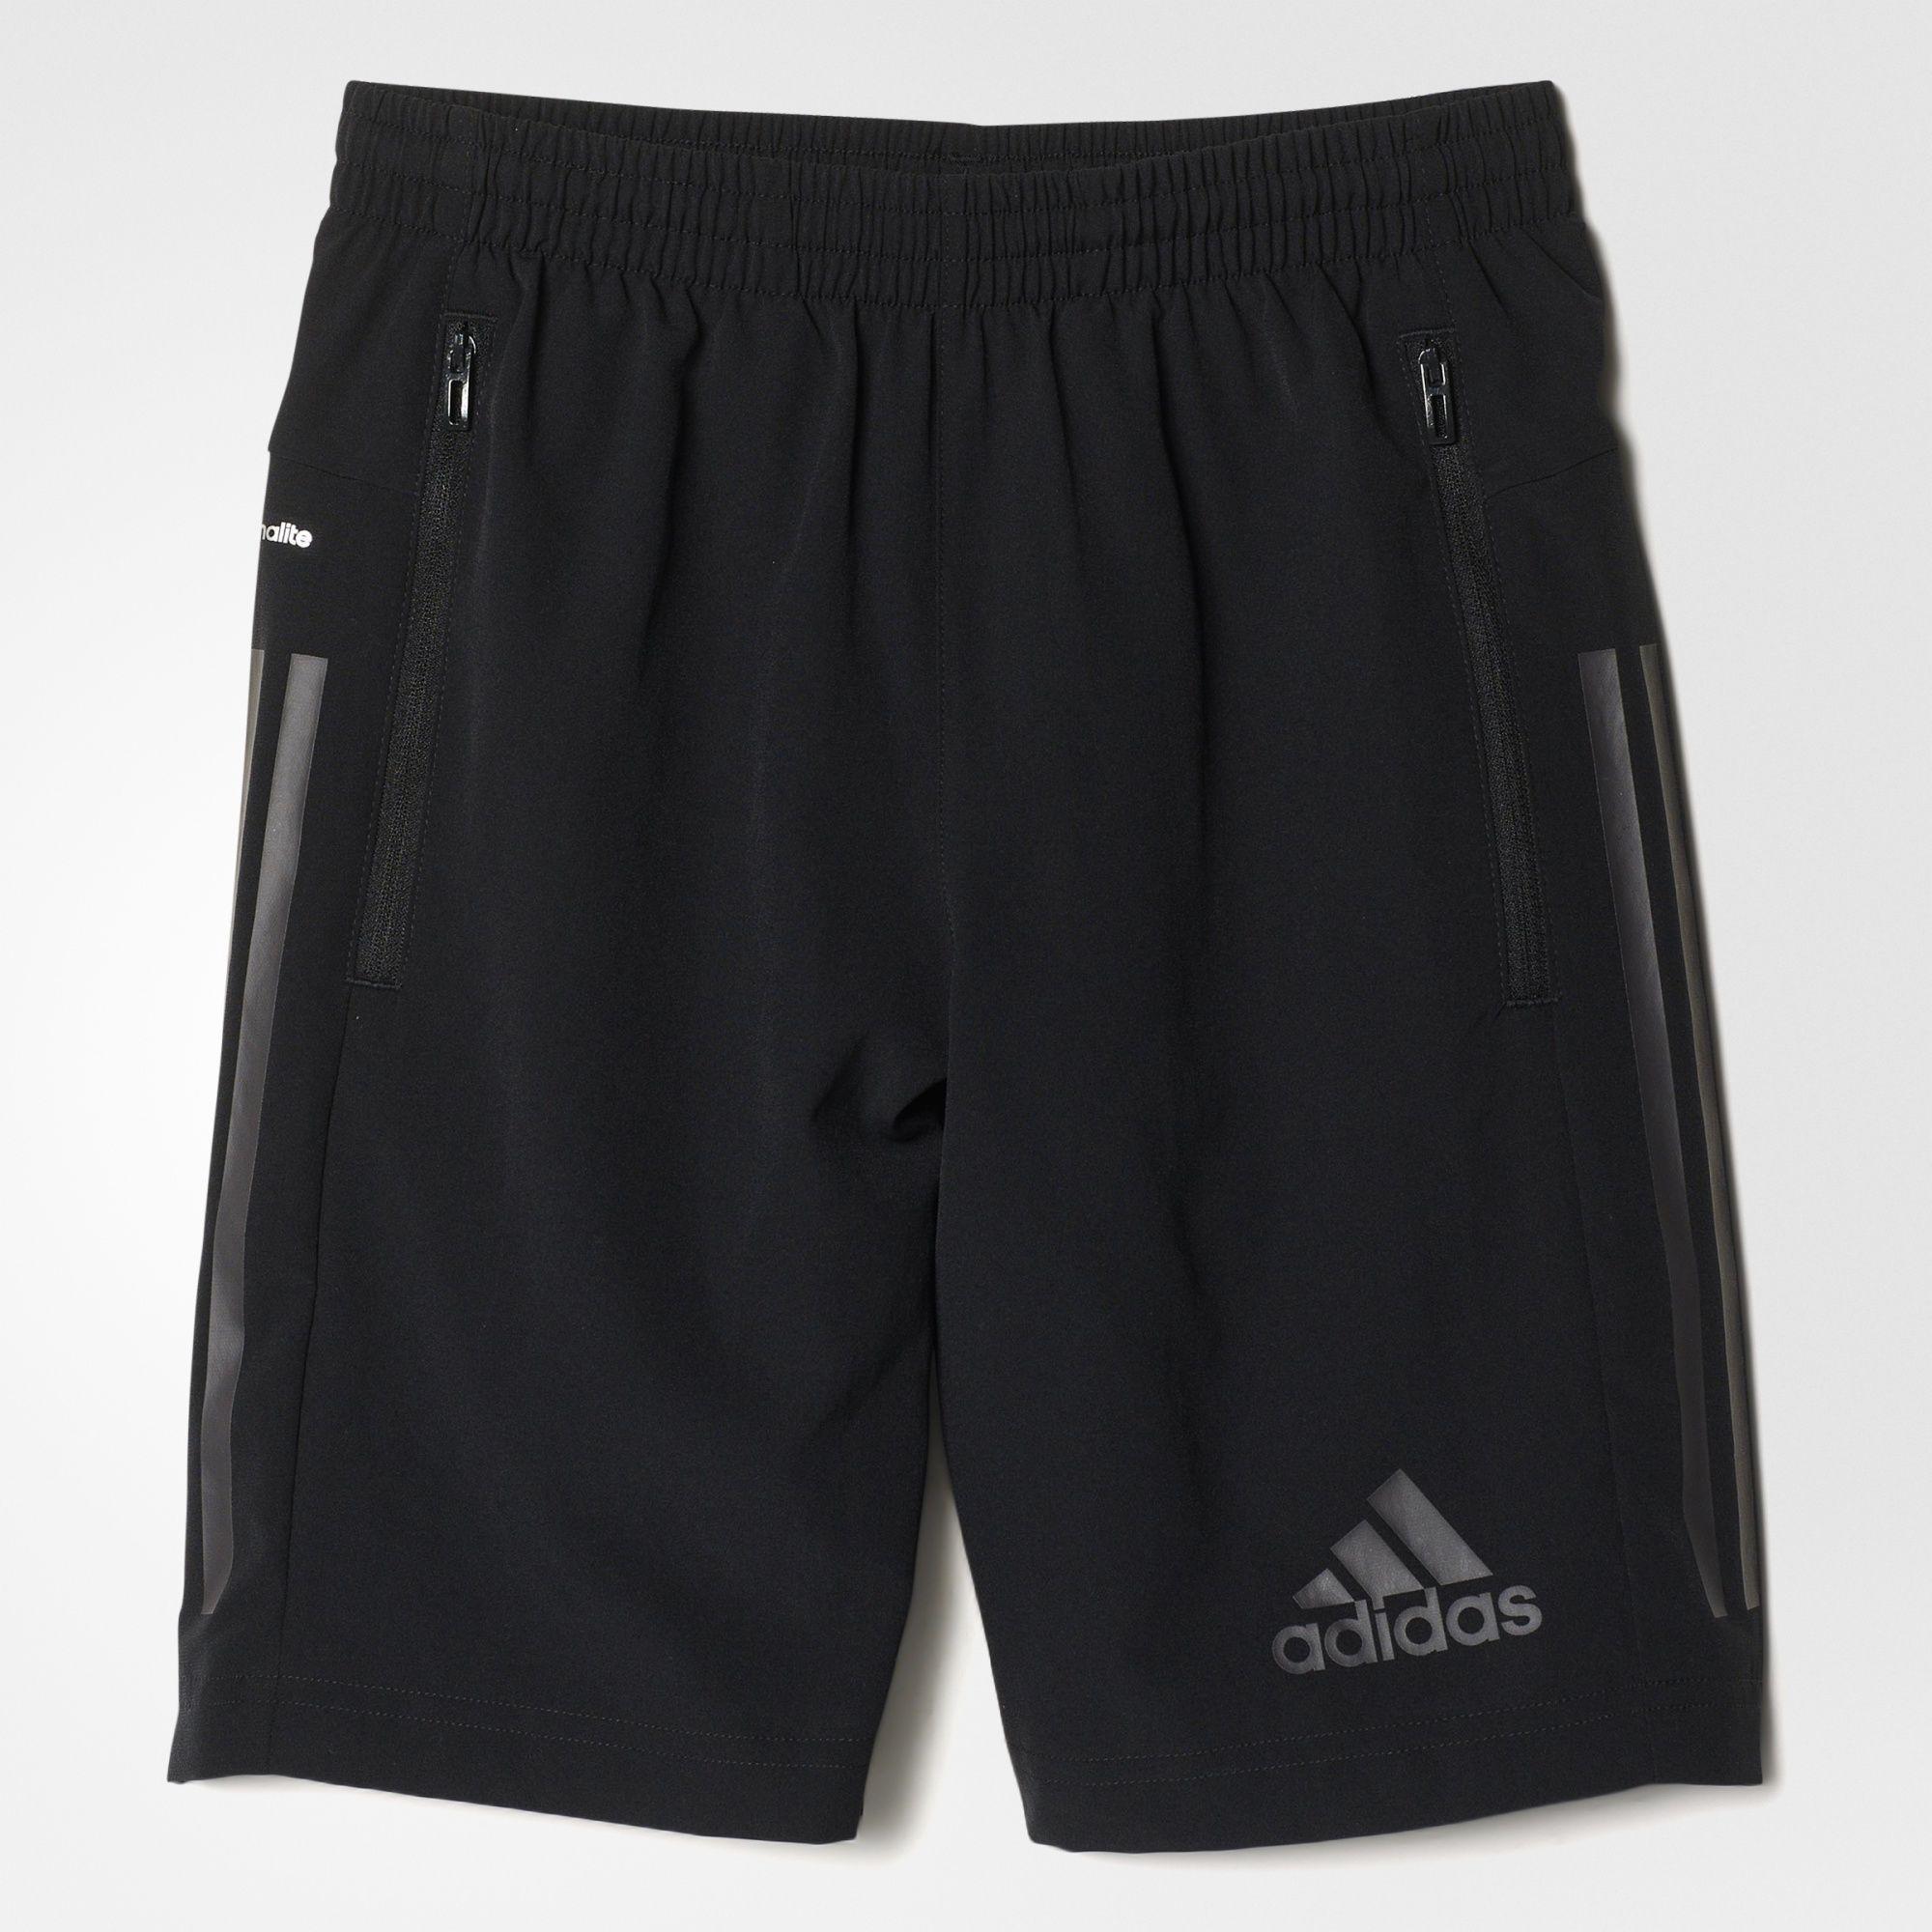 Kinder Gym Training Shorts